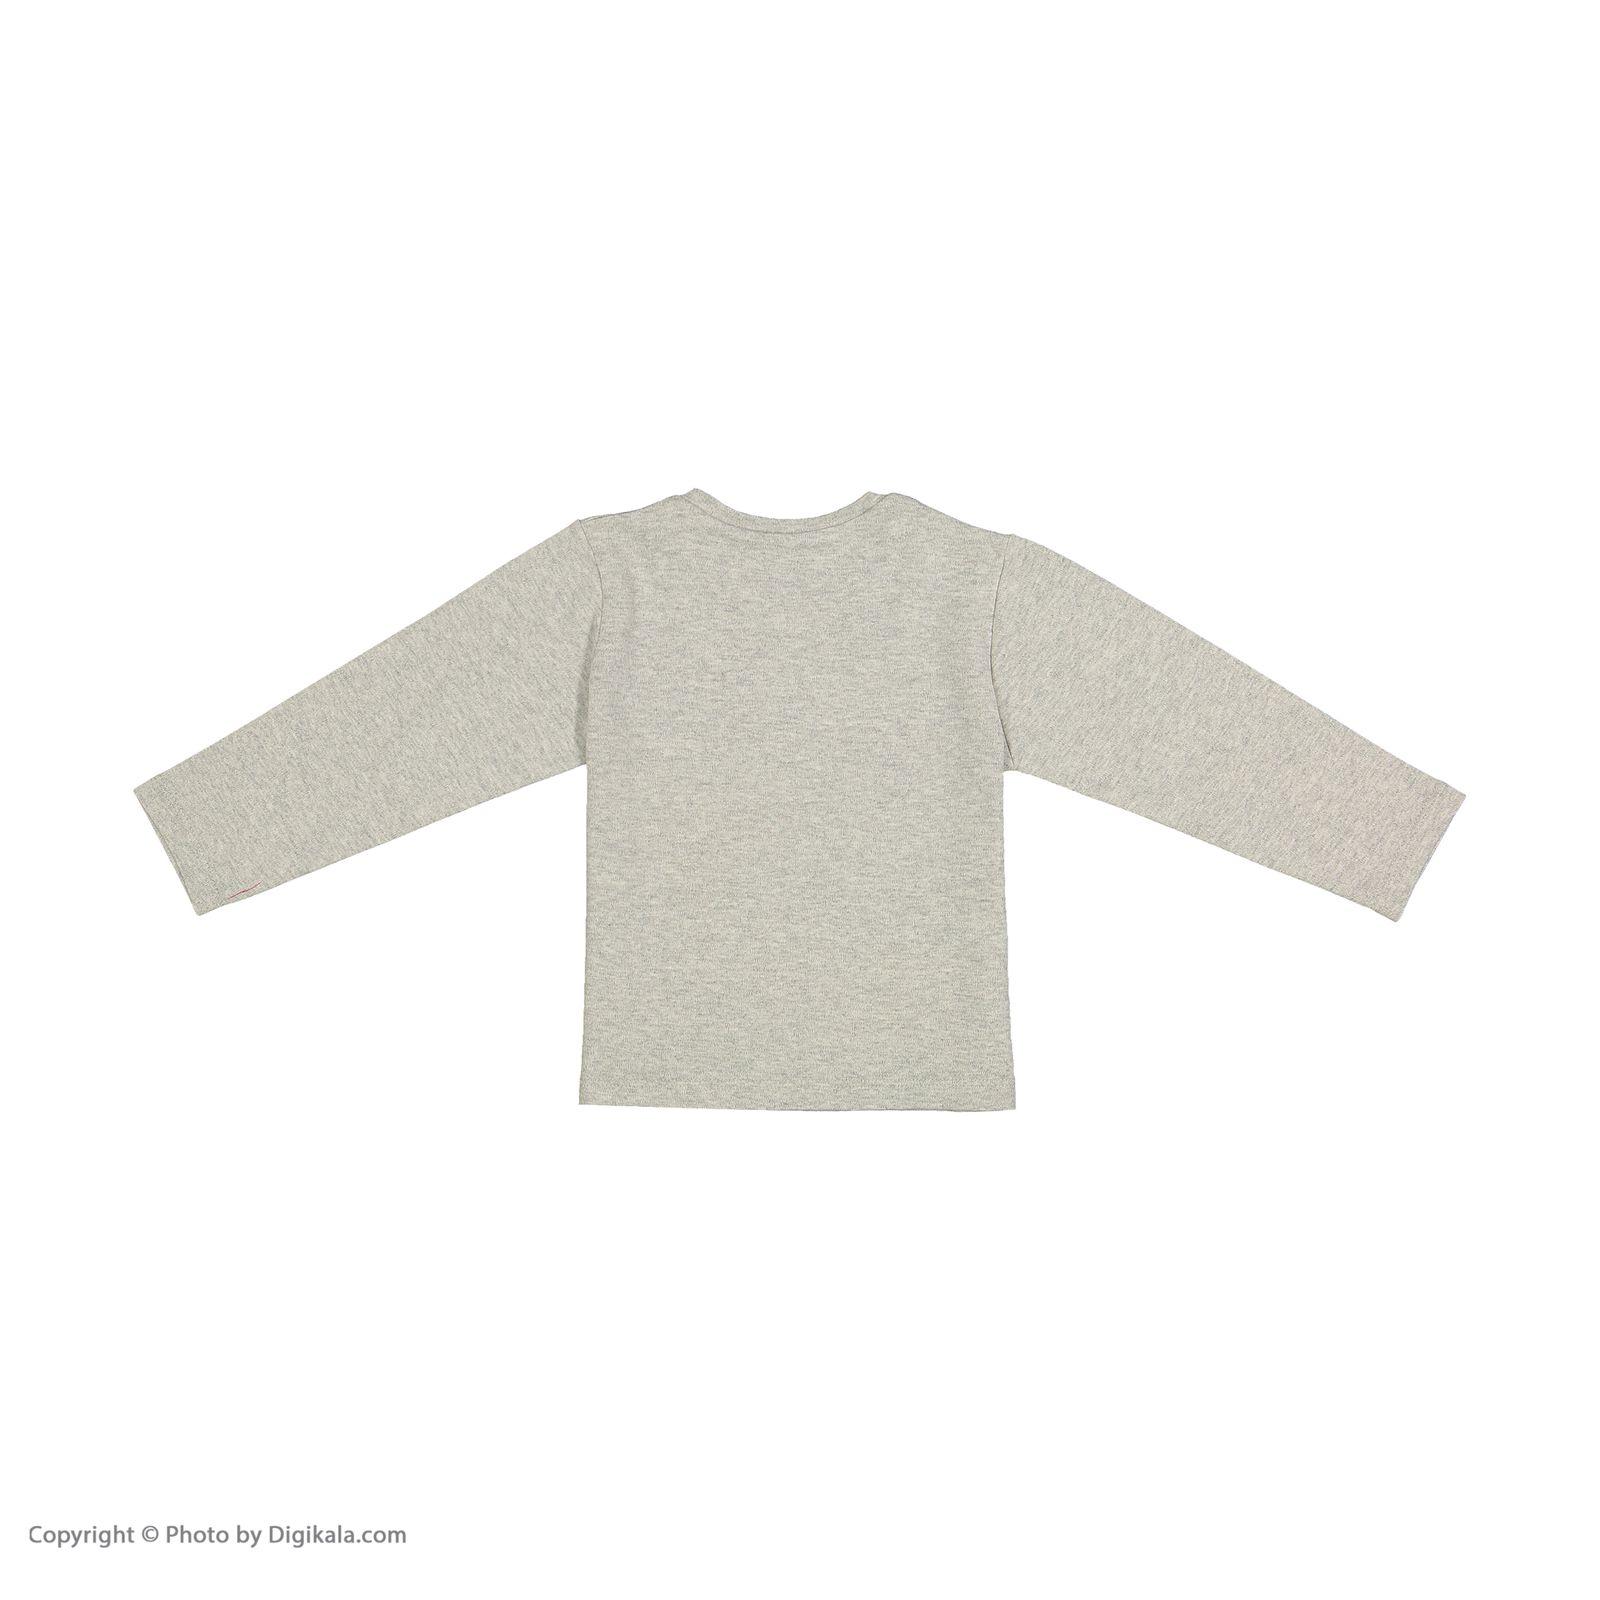 تی شرت پسرانه سون پون مدل 1391364-90 -  - 4